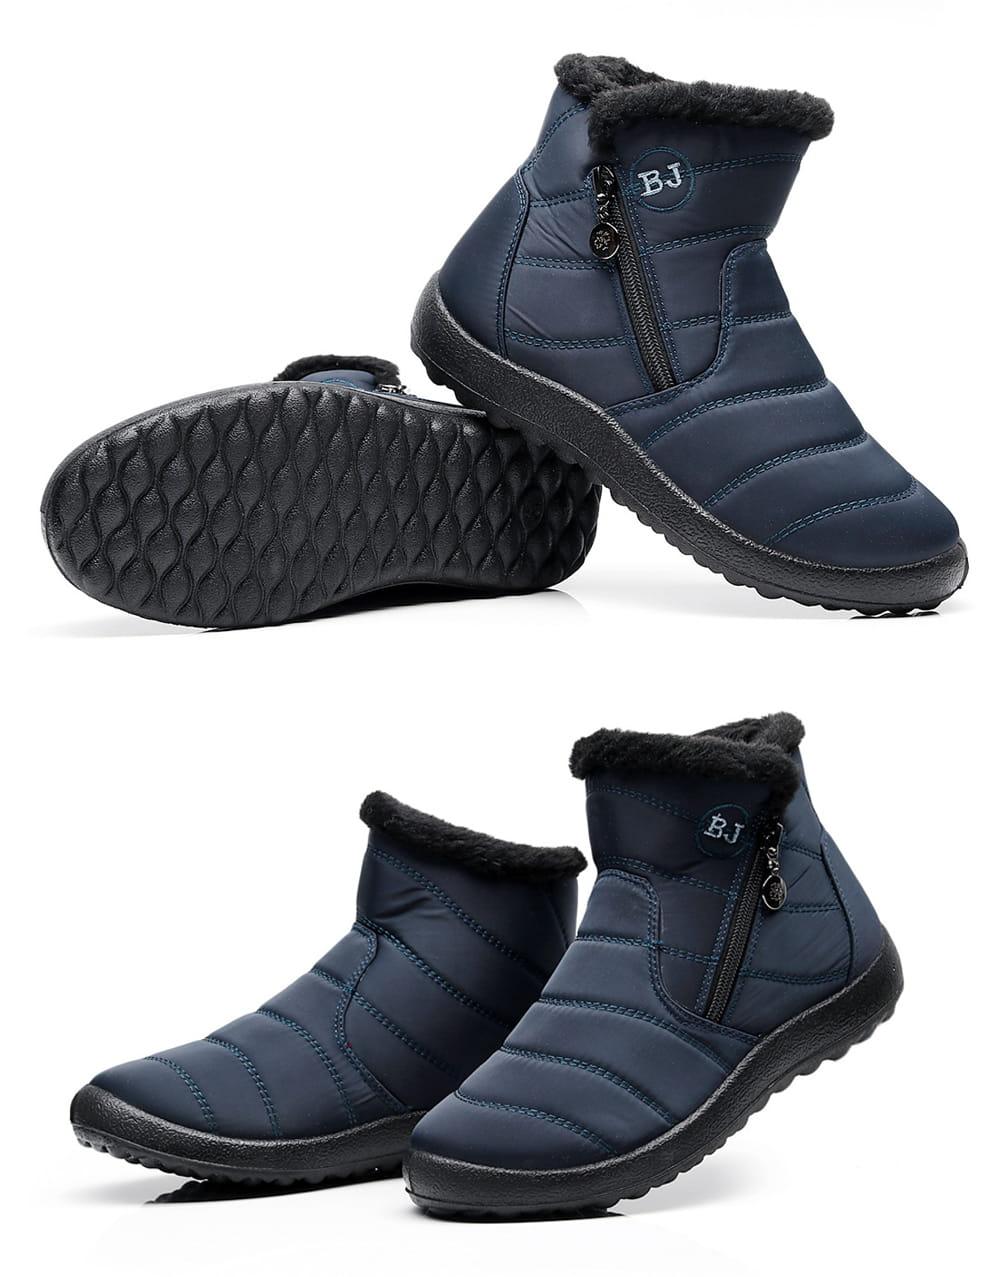 防水保暖防滑厚毛絨雪靴(36-42碼/3色可選) 14